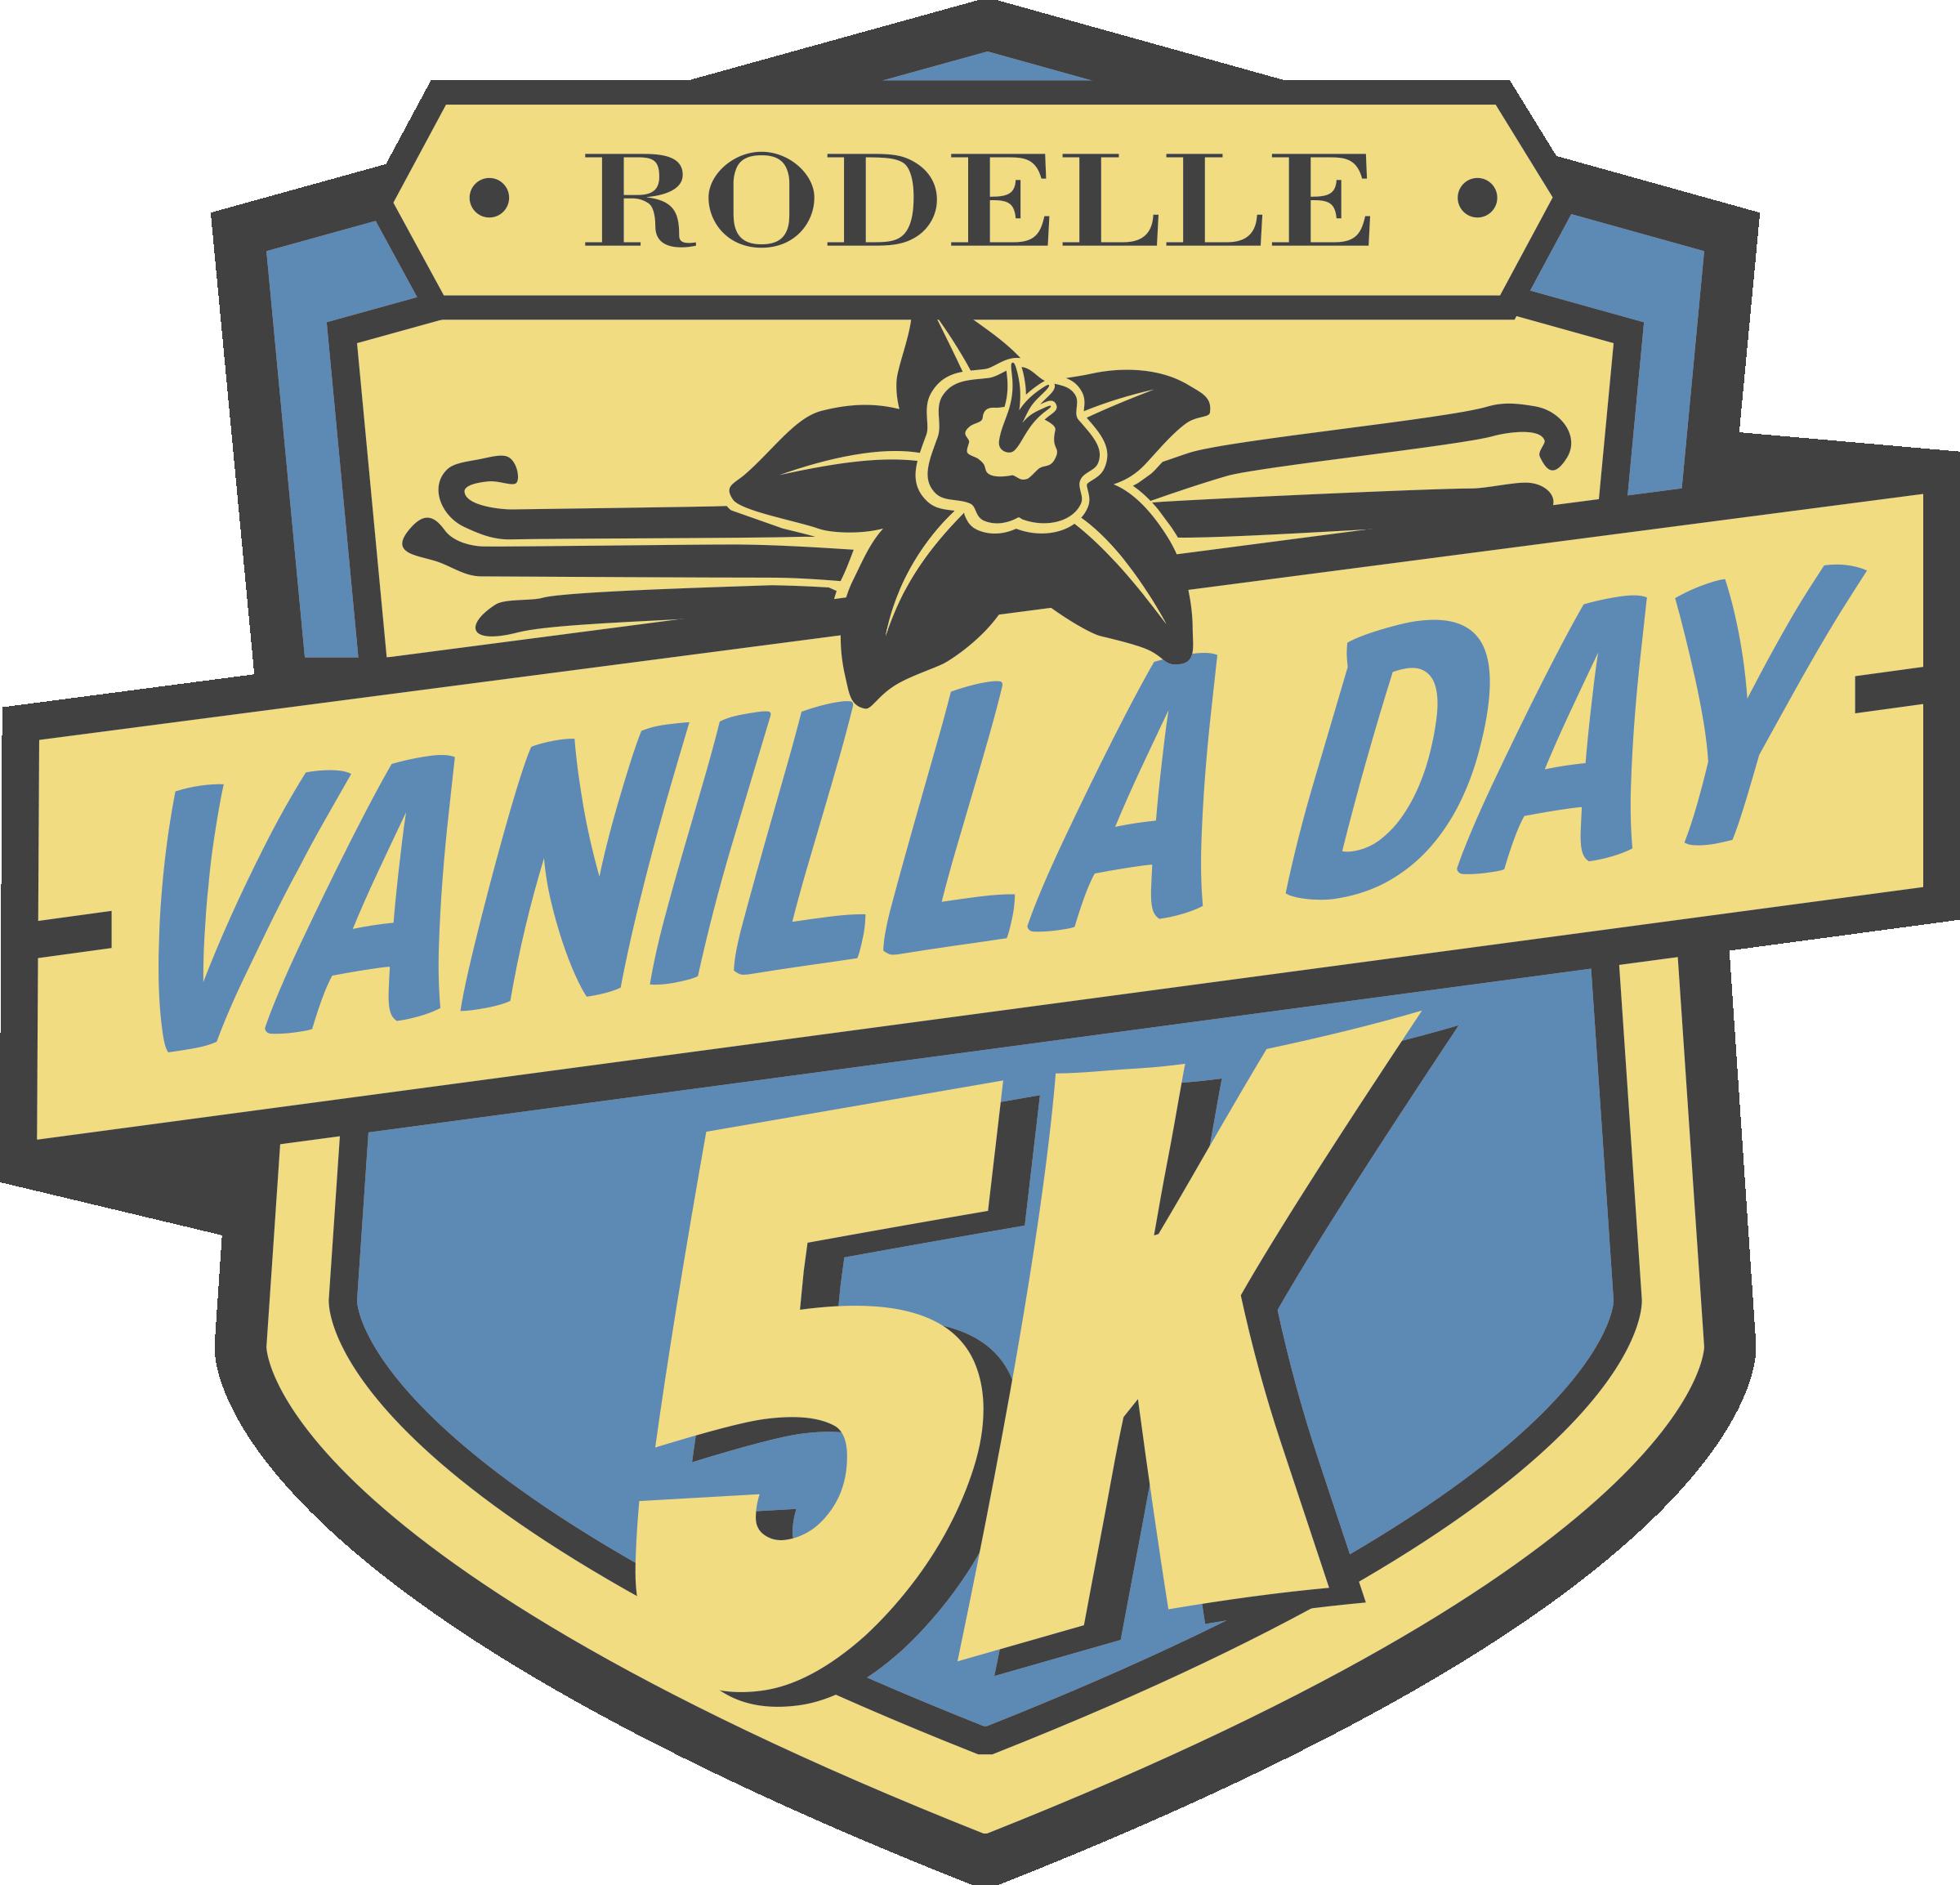 Rodelle Vanilla Day 5k